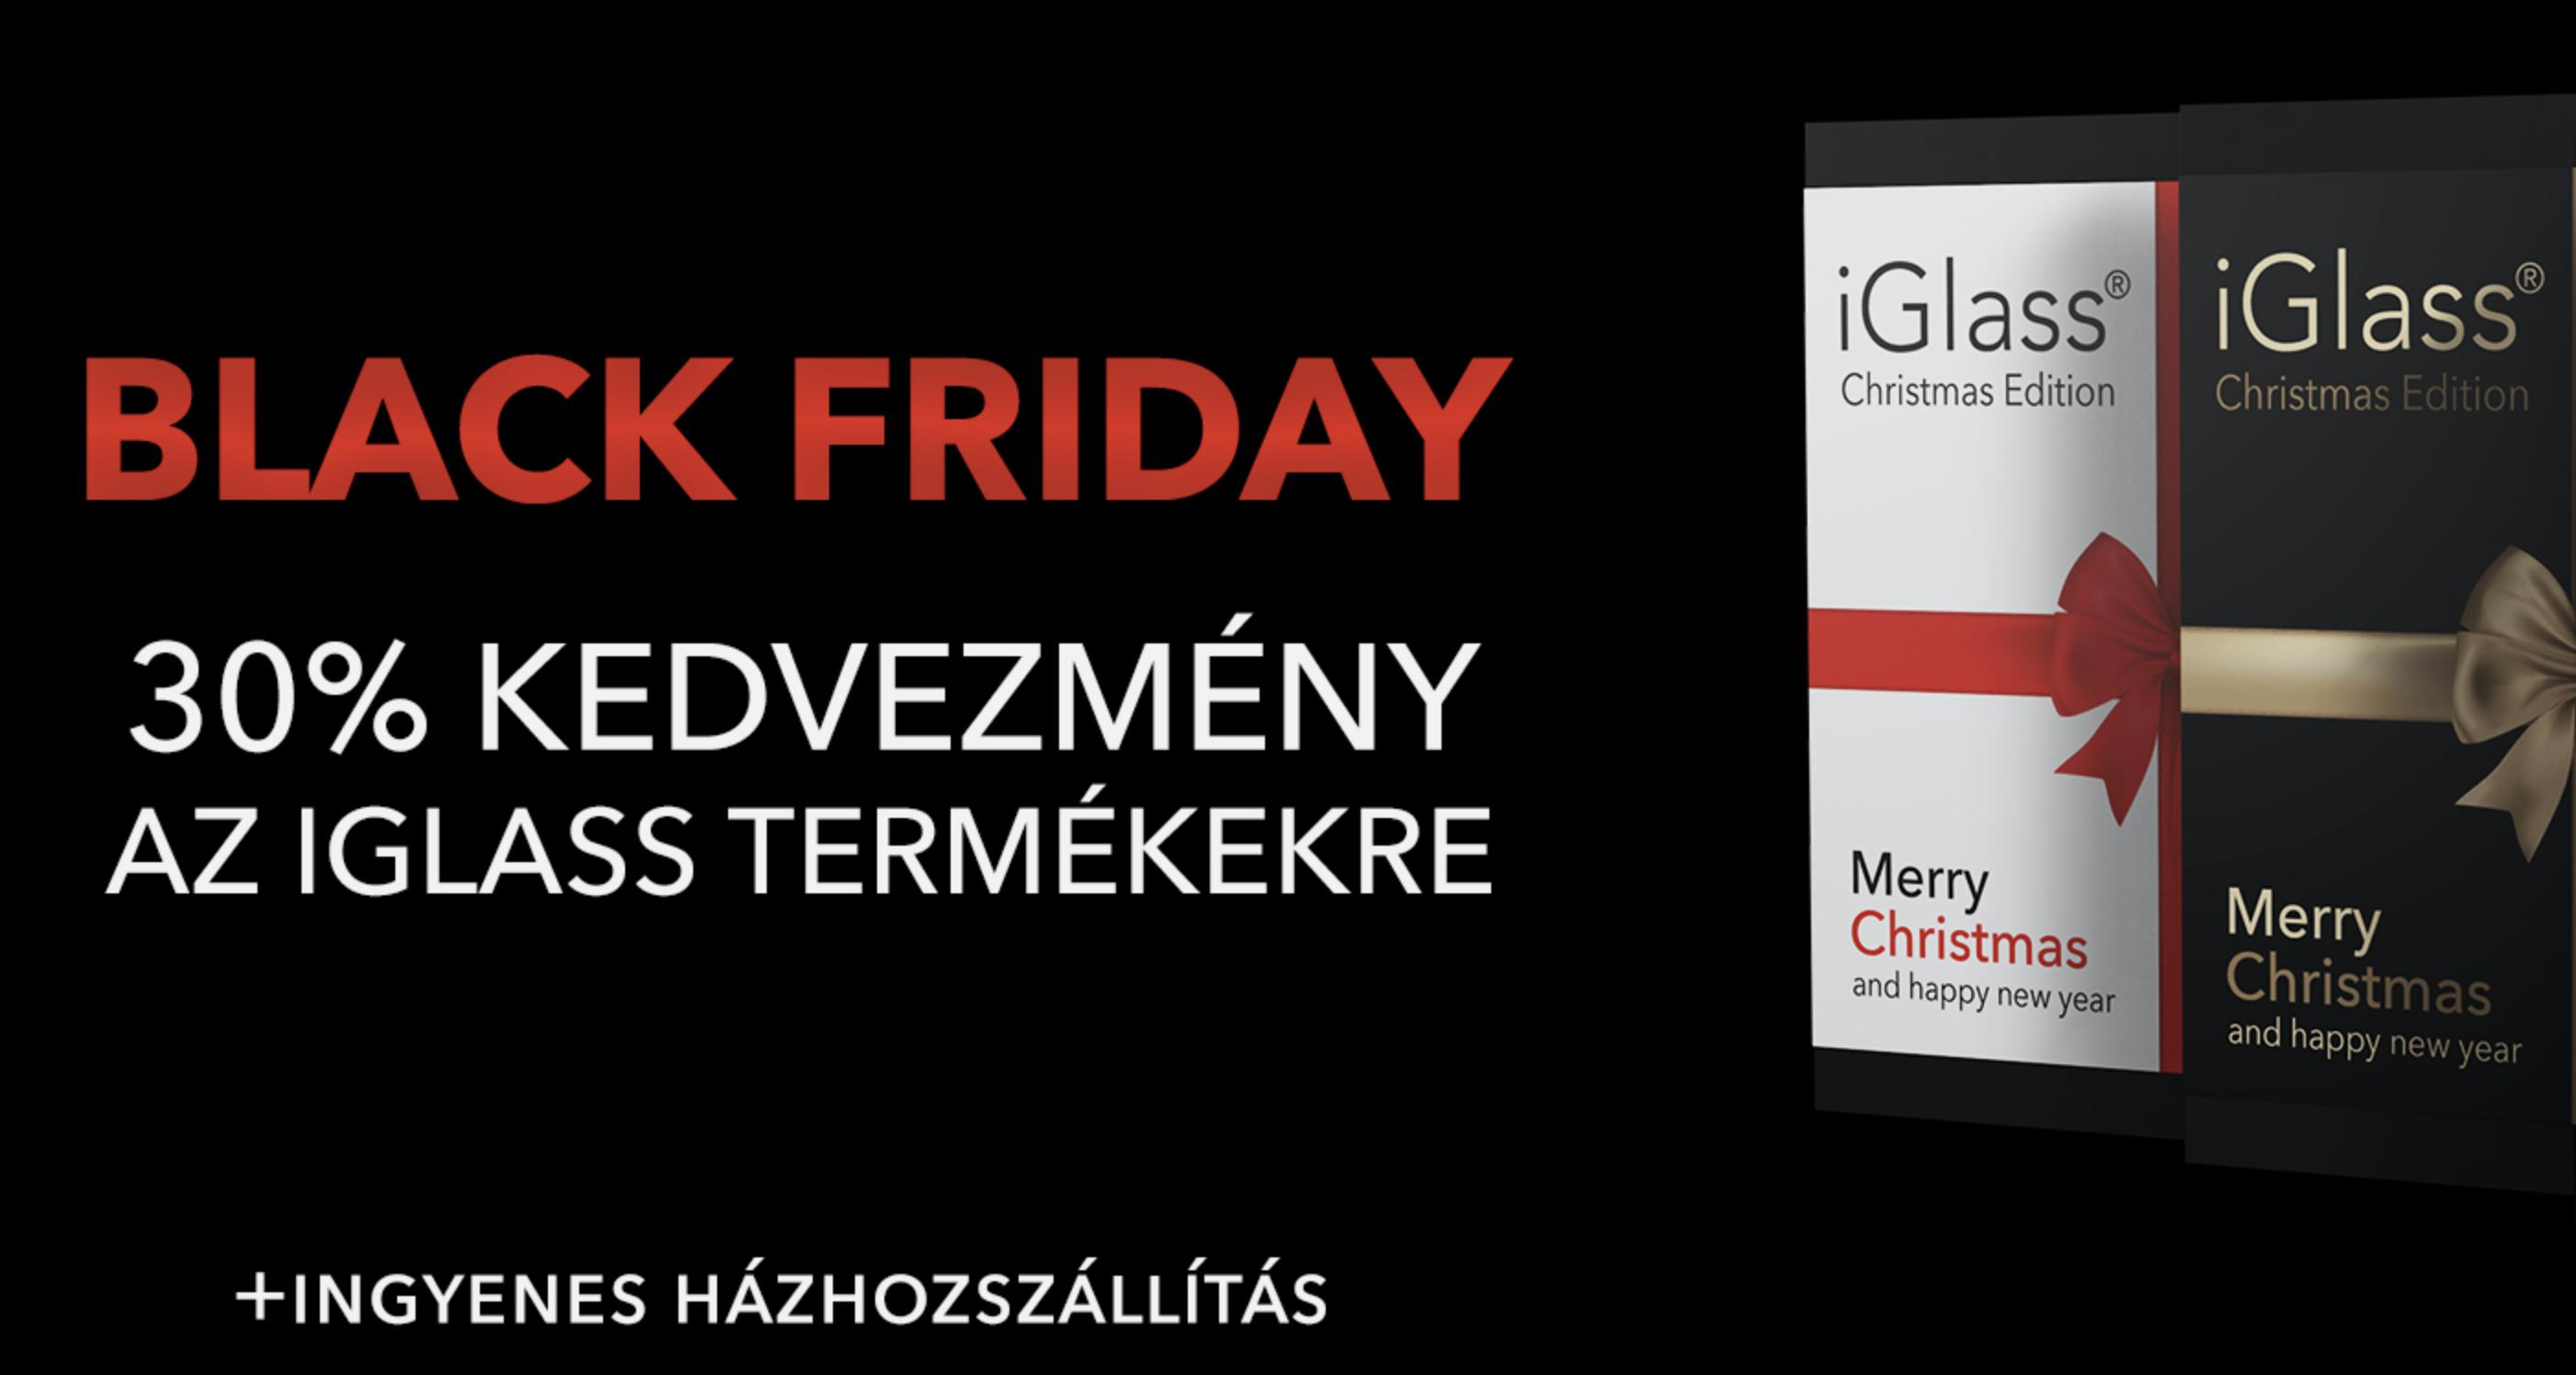 Black Friday az iGlass-nél: szerezd be kedvenc kiegészítőidet 30% kedvezménnyel!